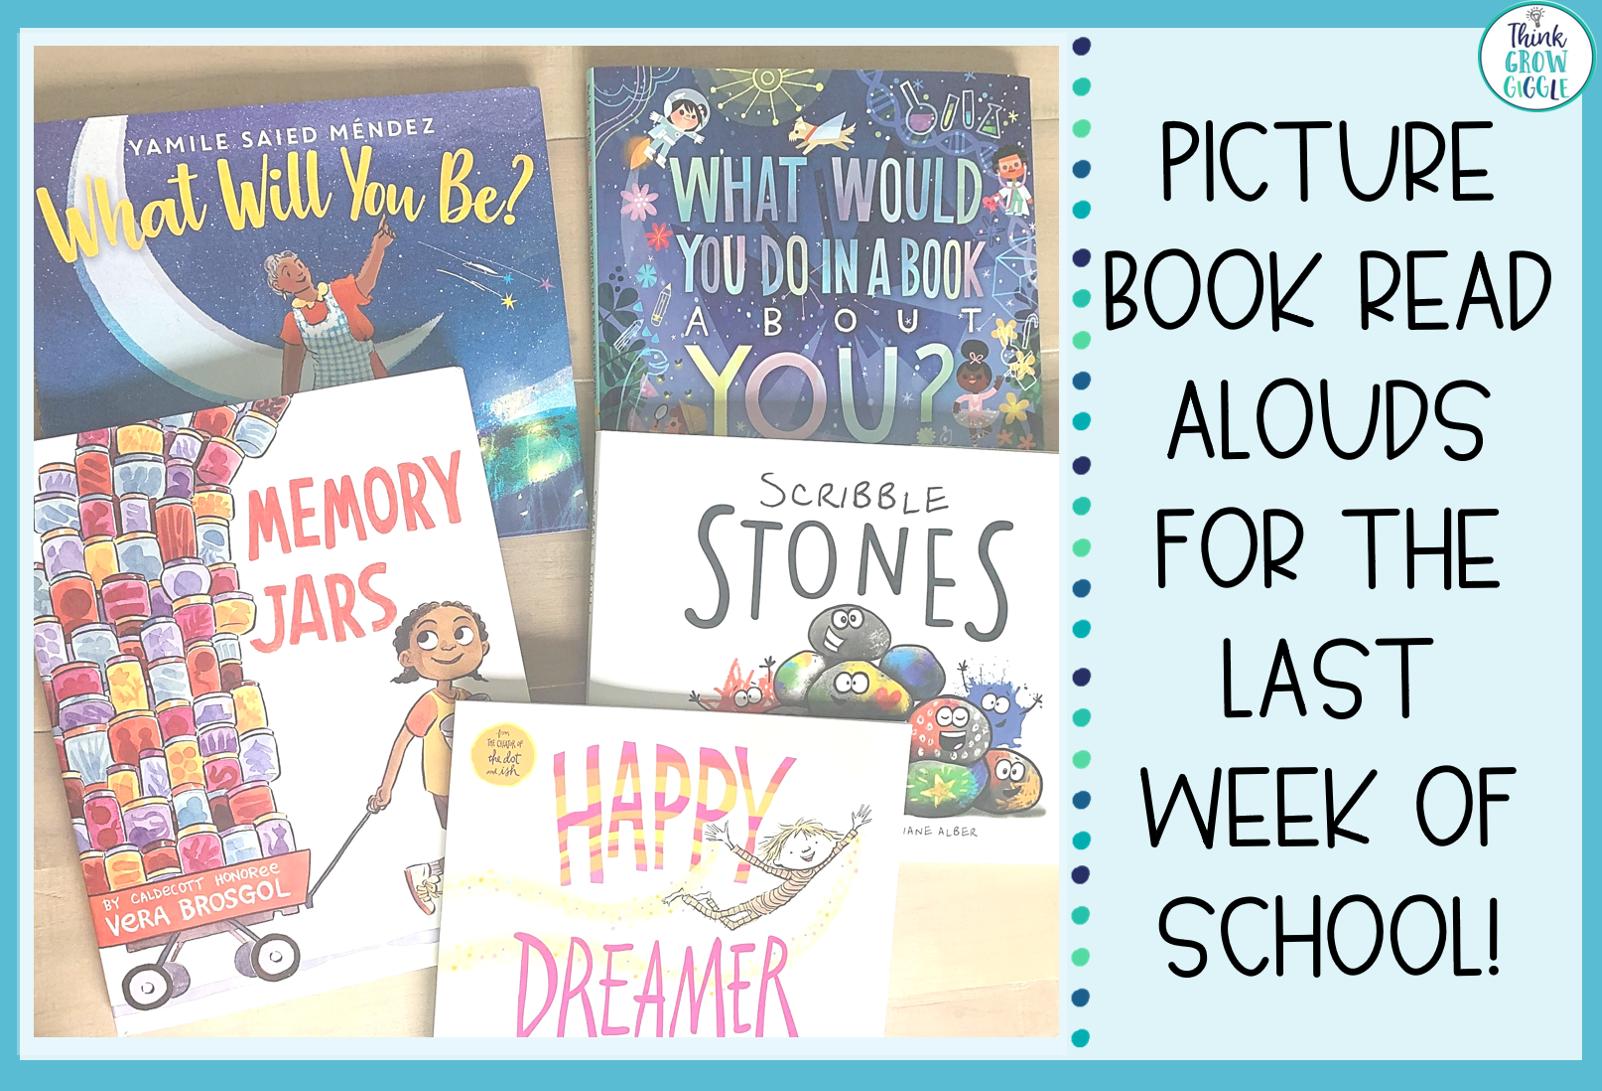 Last Week of School Read Alouds